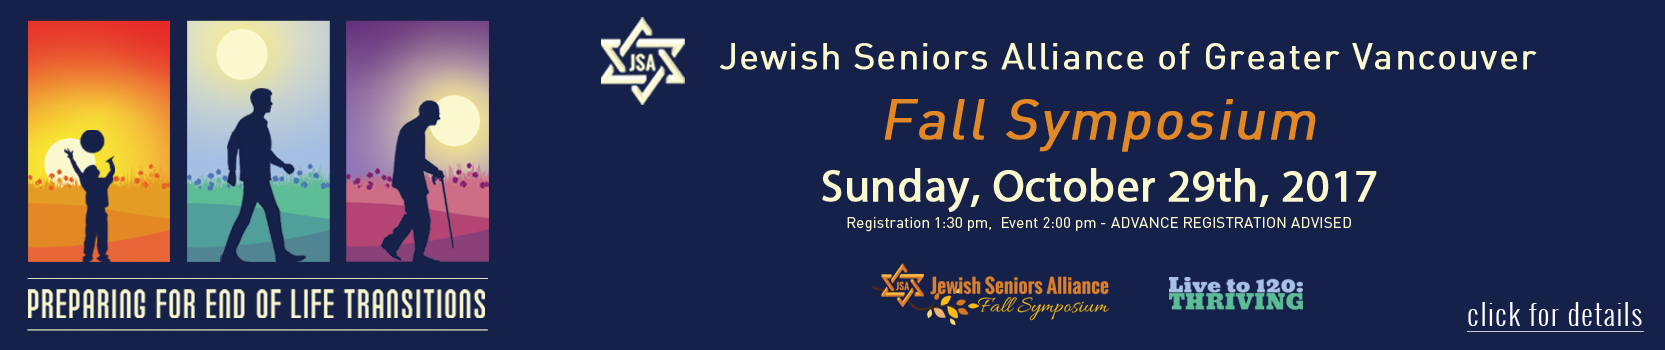 2017-Fall-Symposium-calendar